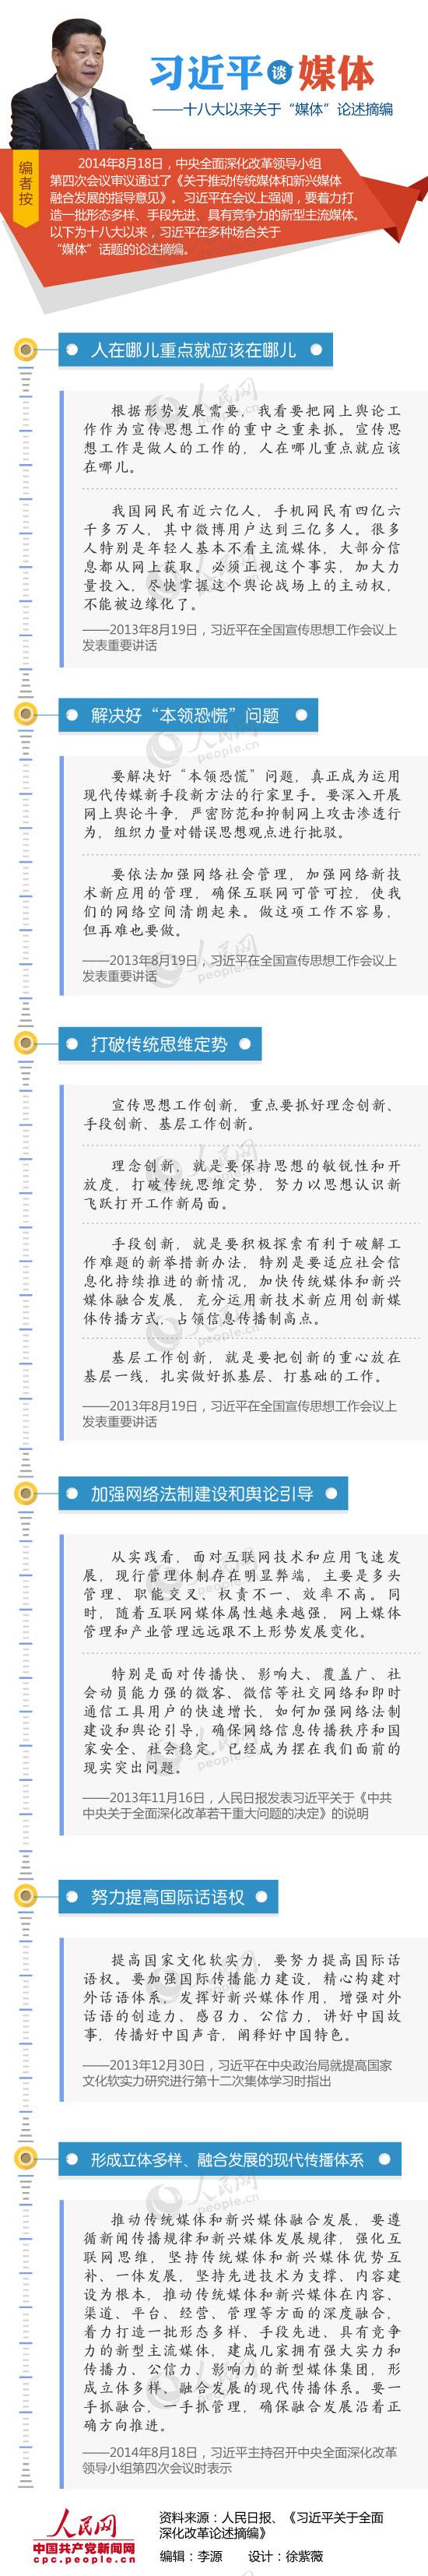 """习近平十八大以来关于""""宣传思想工作""""精彩论述摘编"""